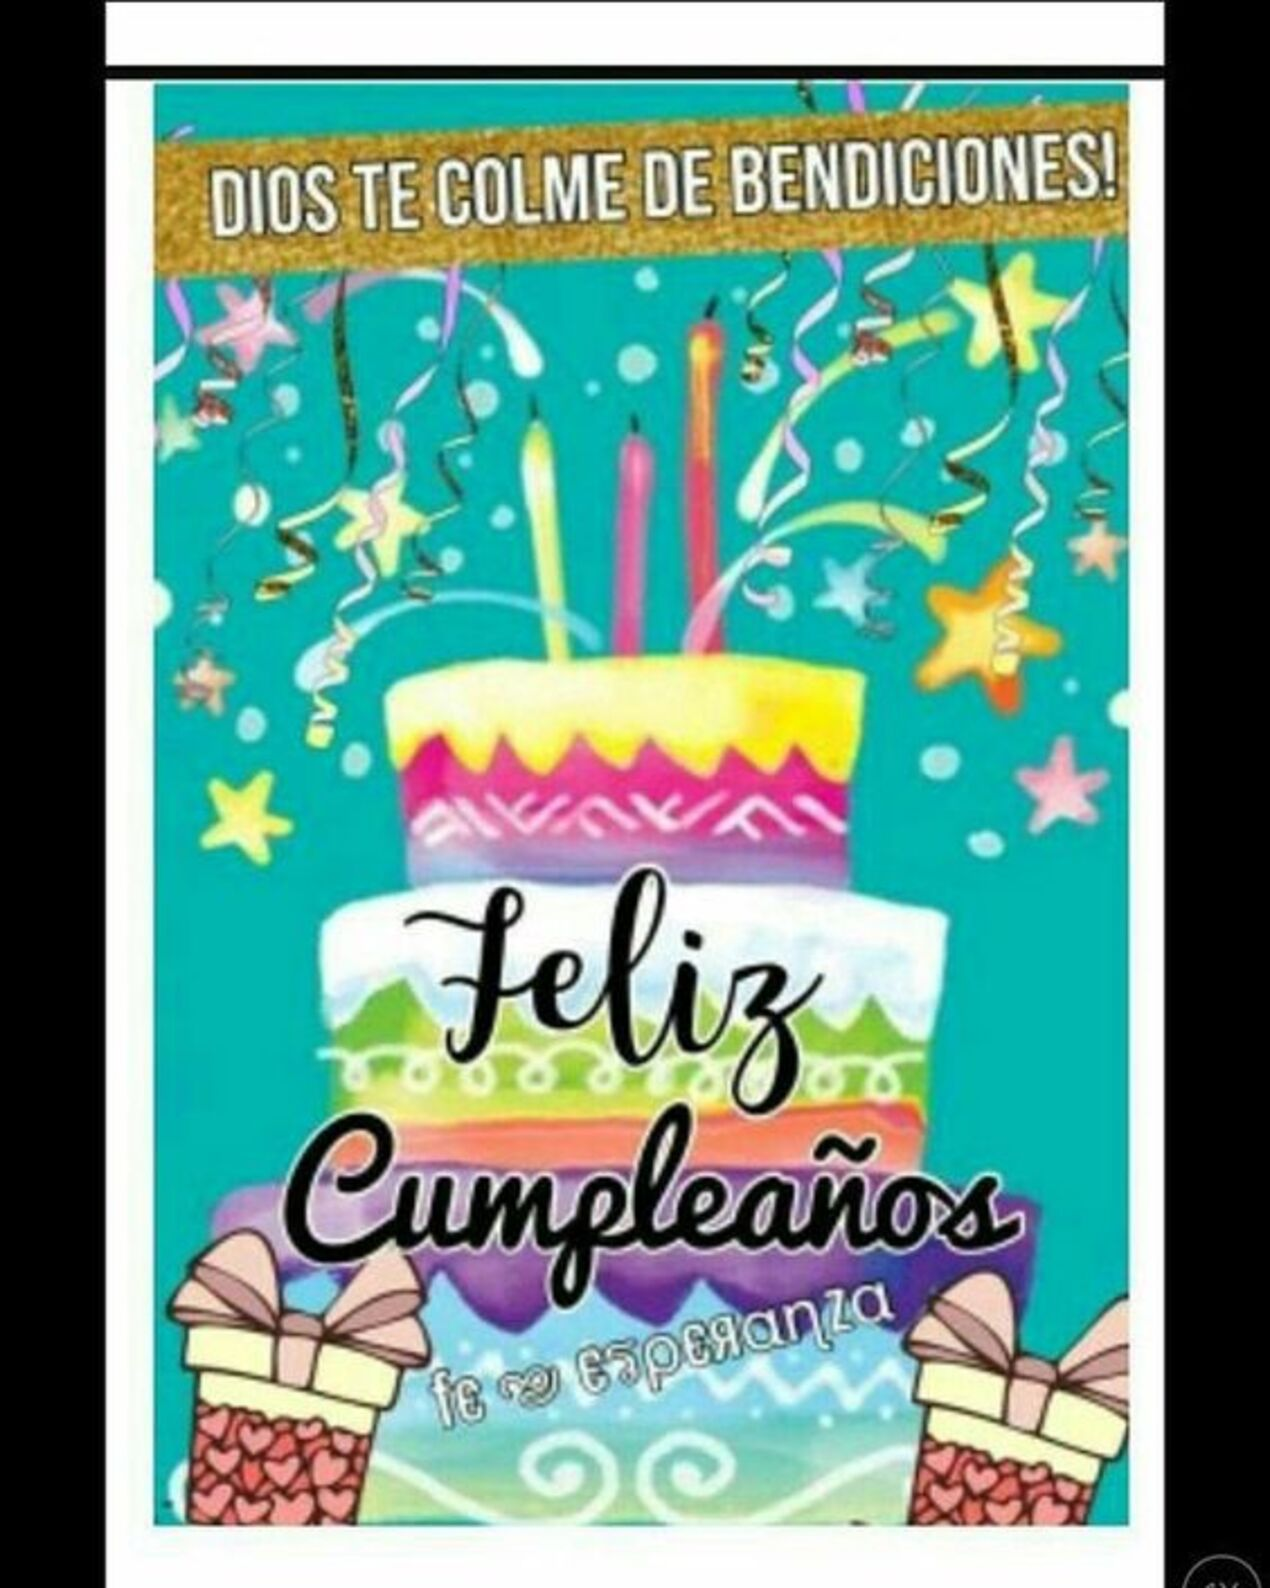 Dios te colme de bendiciones! Feliz cumpleaños